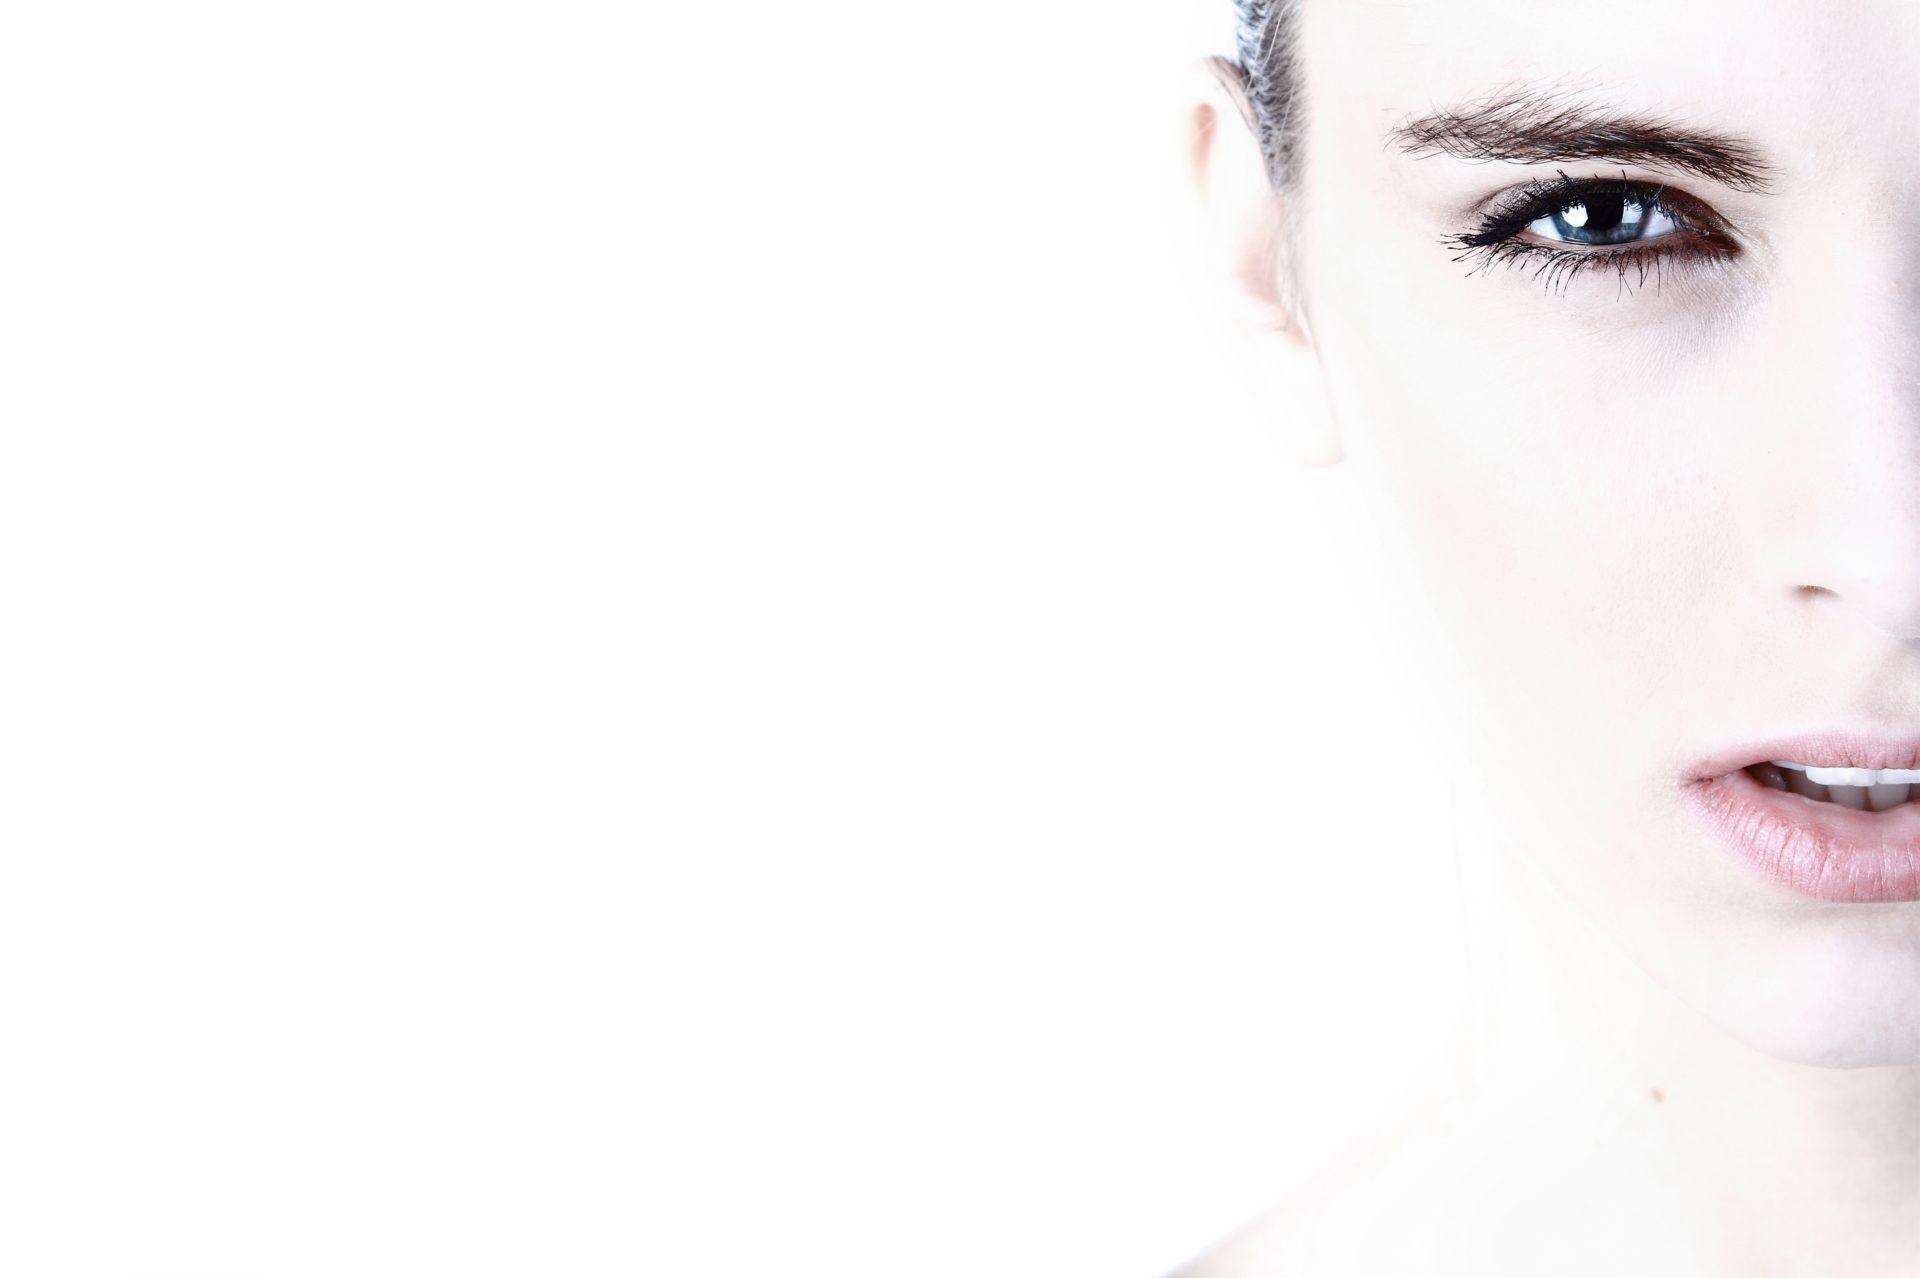 woman white